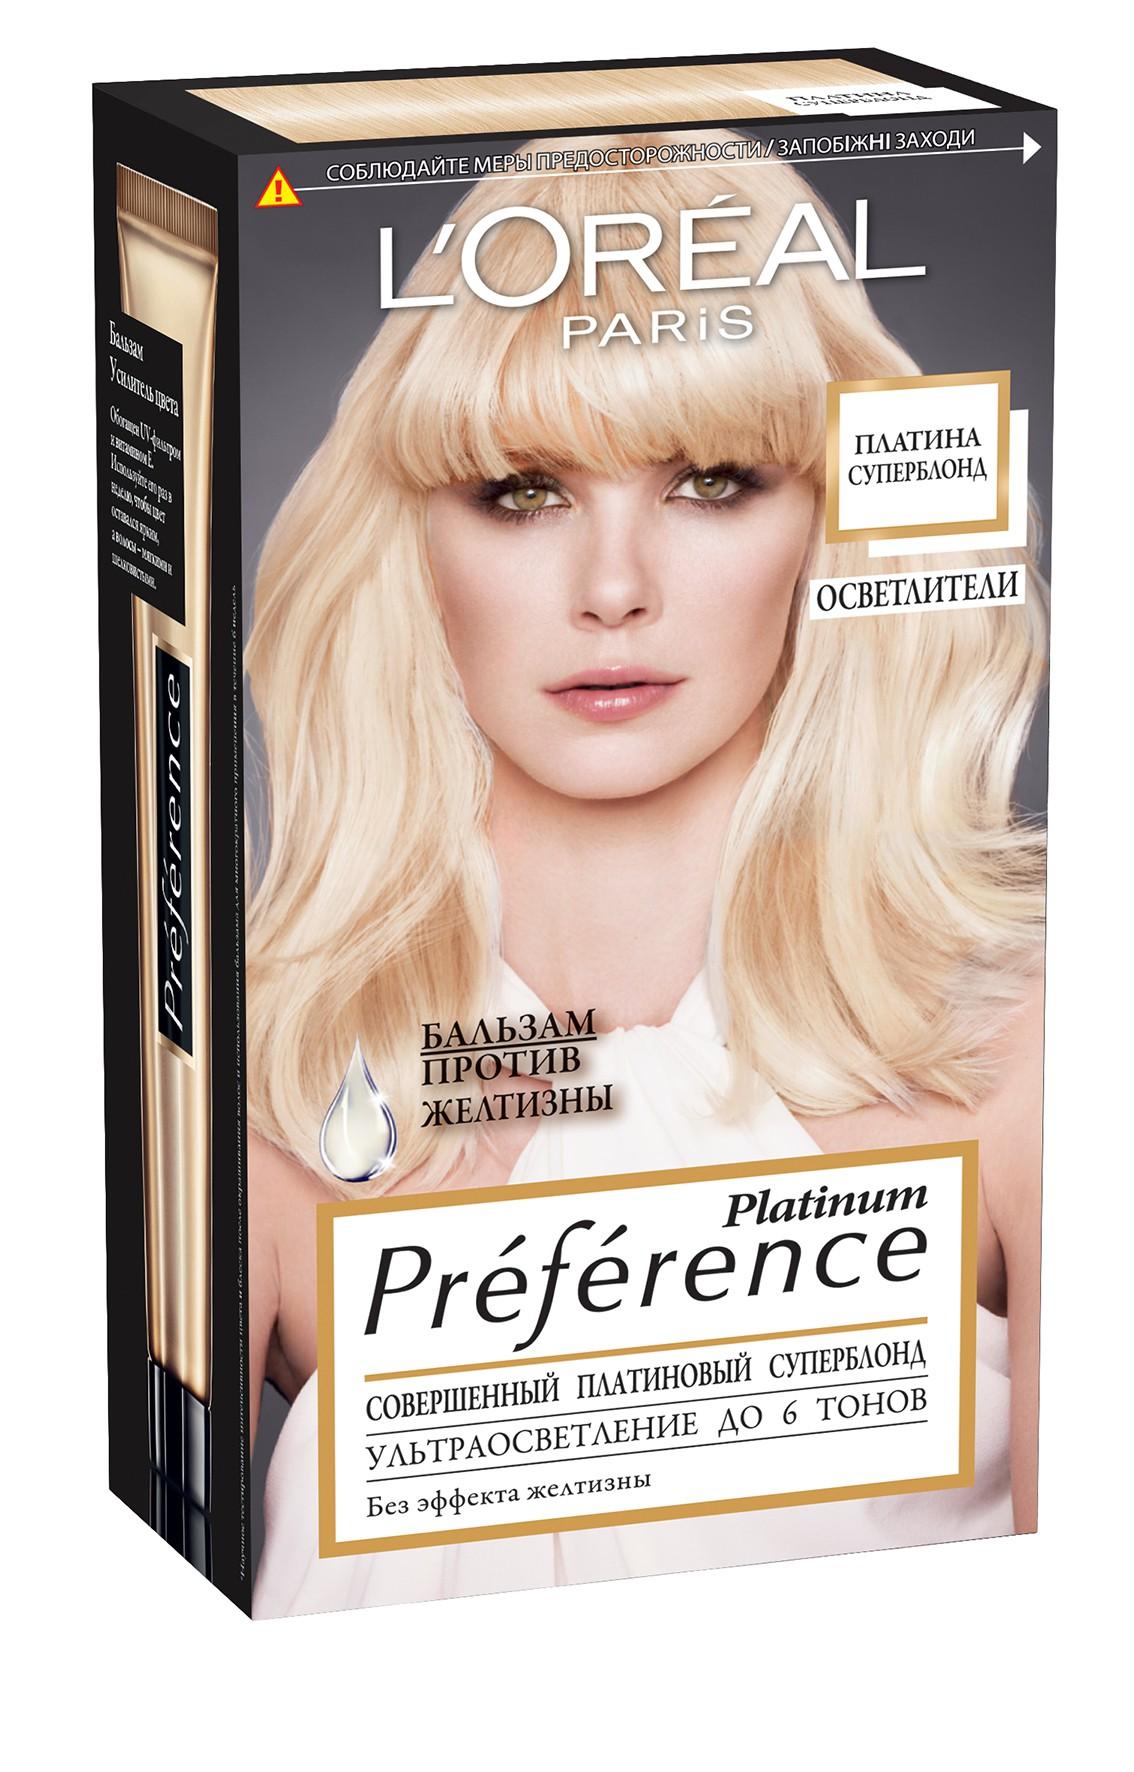 LOreal Paris Стойкая краска для волос Preference, Платина Суперблонд , 6 тонов осветленияMP59.4DПоследнее поколение средств для достижения совершенного ПЛАТИНОВОГО СУПЕРБЛОНДА - краска Preference Platinum от LOreal Paris. Инновационная формула осветляет волосы до 6-ти тонов. Превосходный результат окрашивания волос дома! Бальзам обогащен холодными красителями ПРОТИВ ЖЕЛТИЗНЫ. Комплекс ЭКСТРА-БЛЕСК обеспечивает роскошное сияние надолго!В состав упаковки входит: тюбик с осветляющим кремом (25 мл), флакон с проявляющим кремом (75 мл), упаковка осветляющего порошка (22 г), бальзам против желтизны (54 мл), инструкция по применению, пара перчаток.